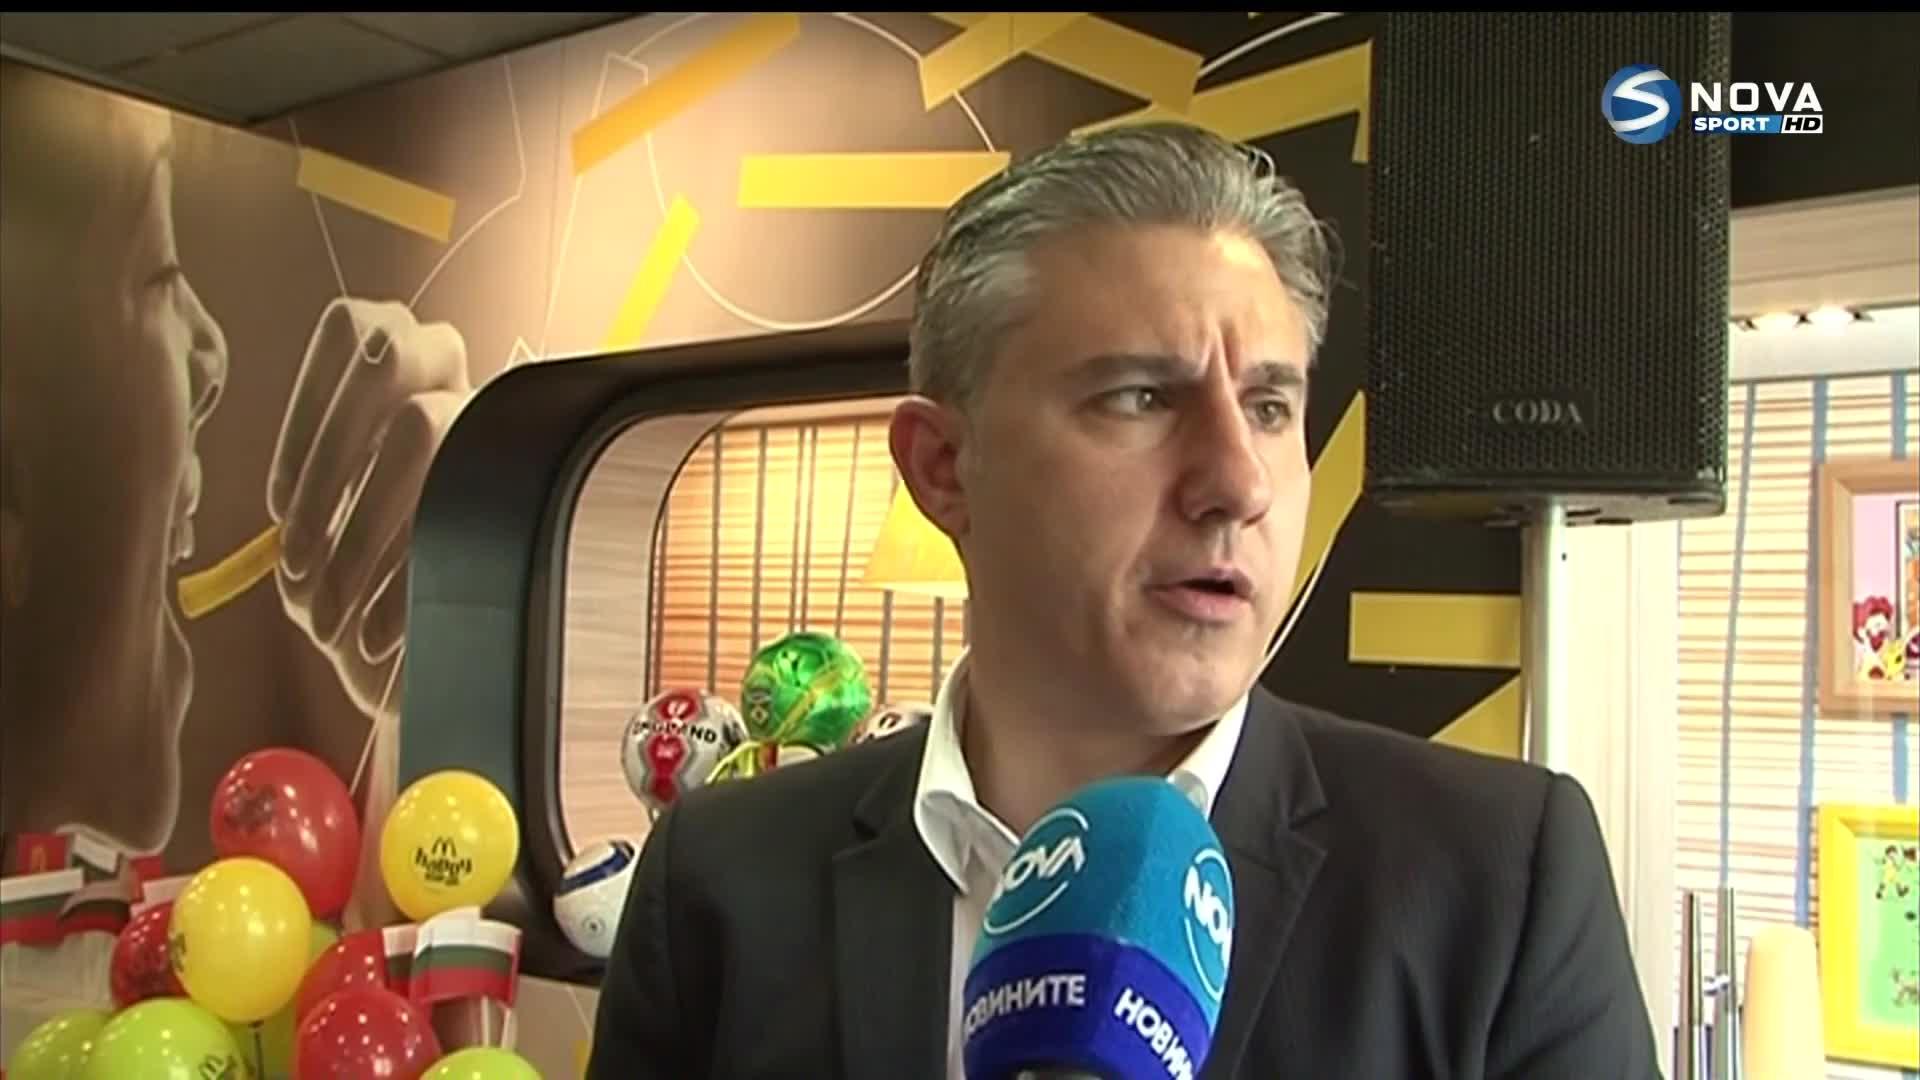 Павел Колев: Няма проблем форматът на първенството да бъде променен веднага